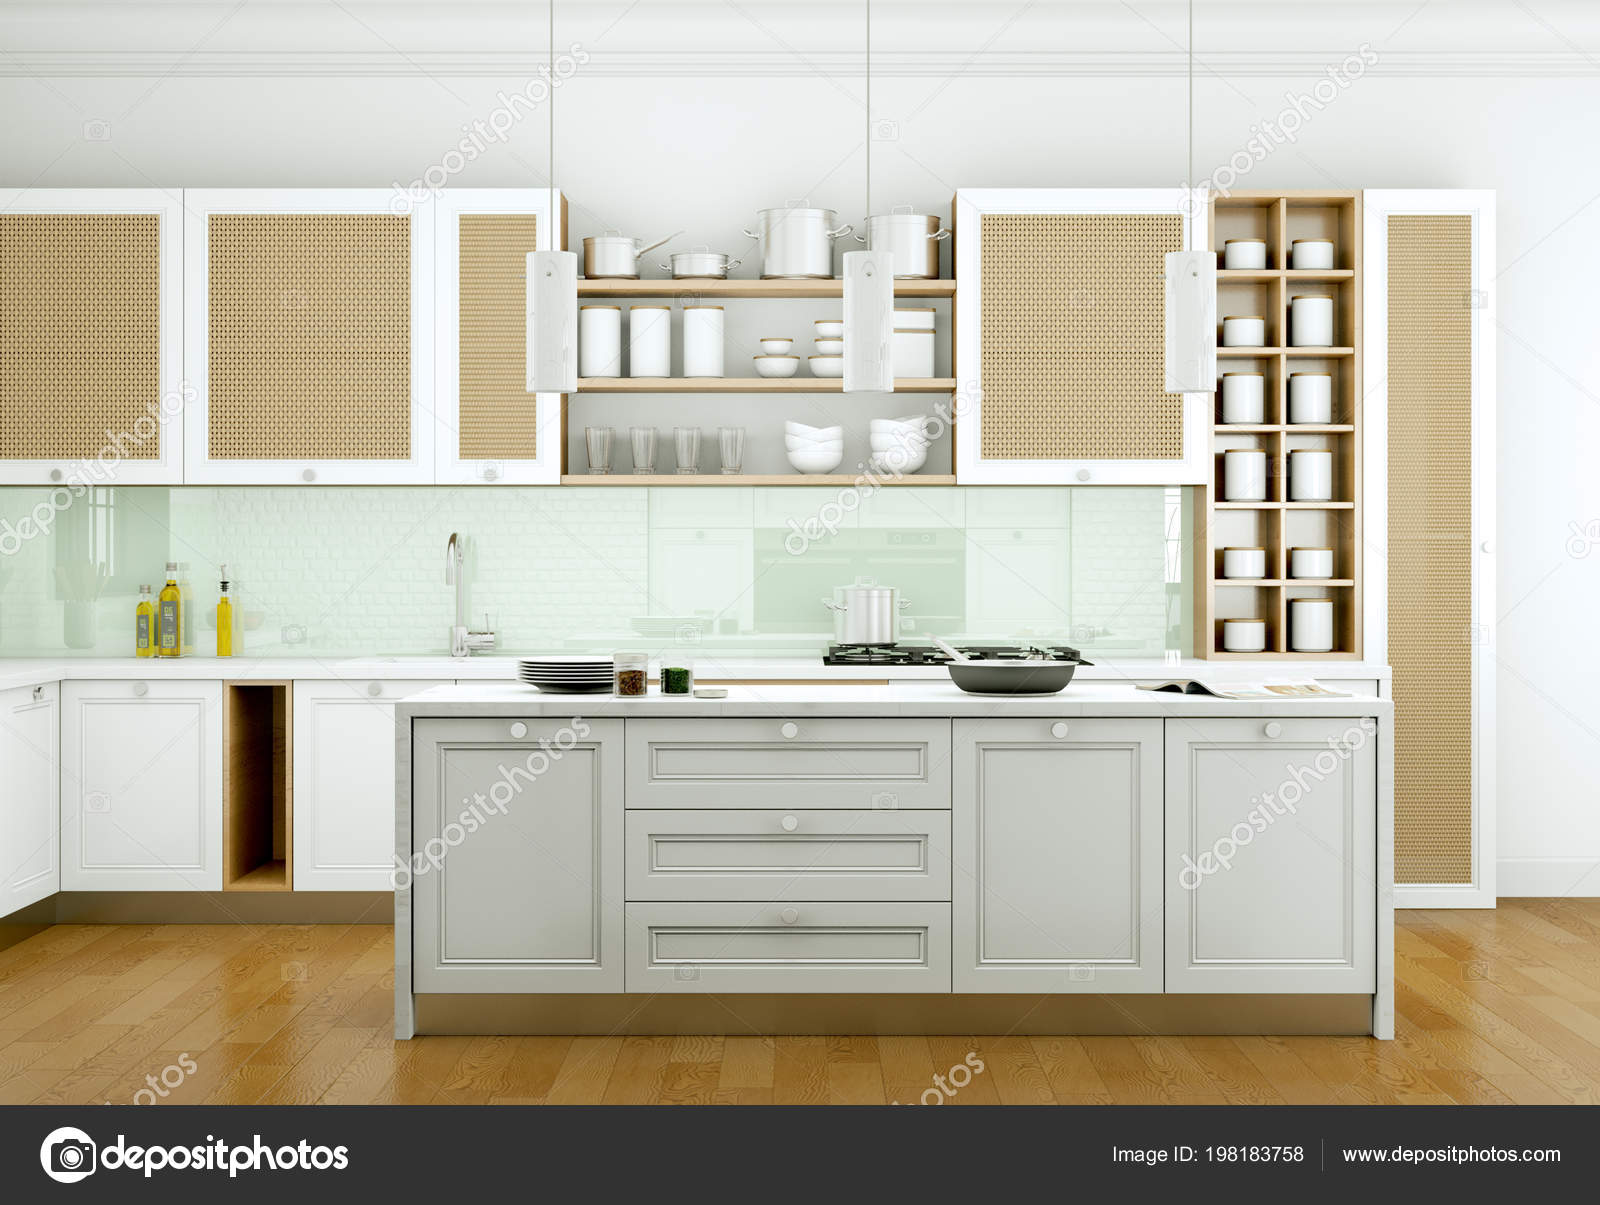 Cucina moderna bianca in una casa con un bel design — Foto ...